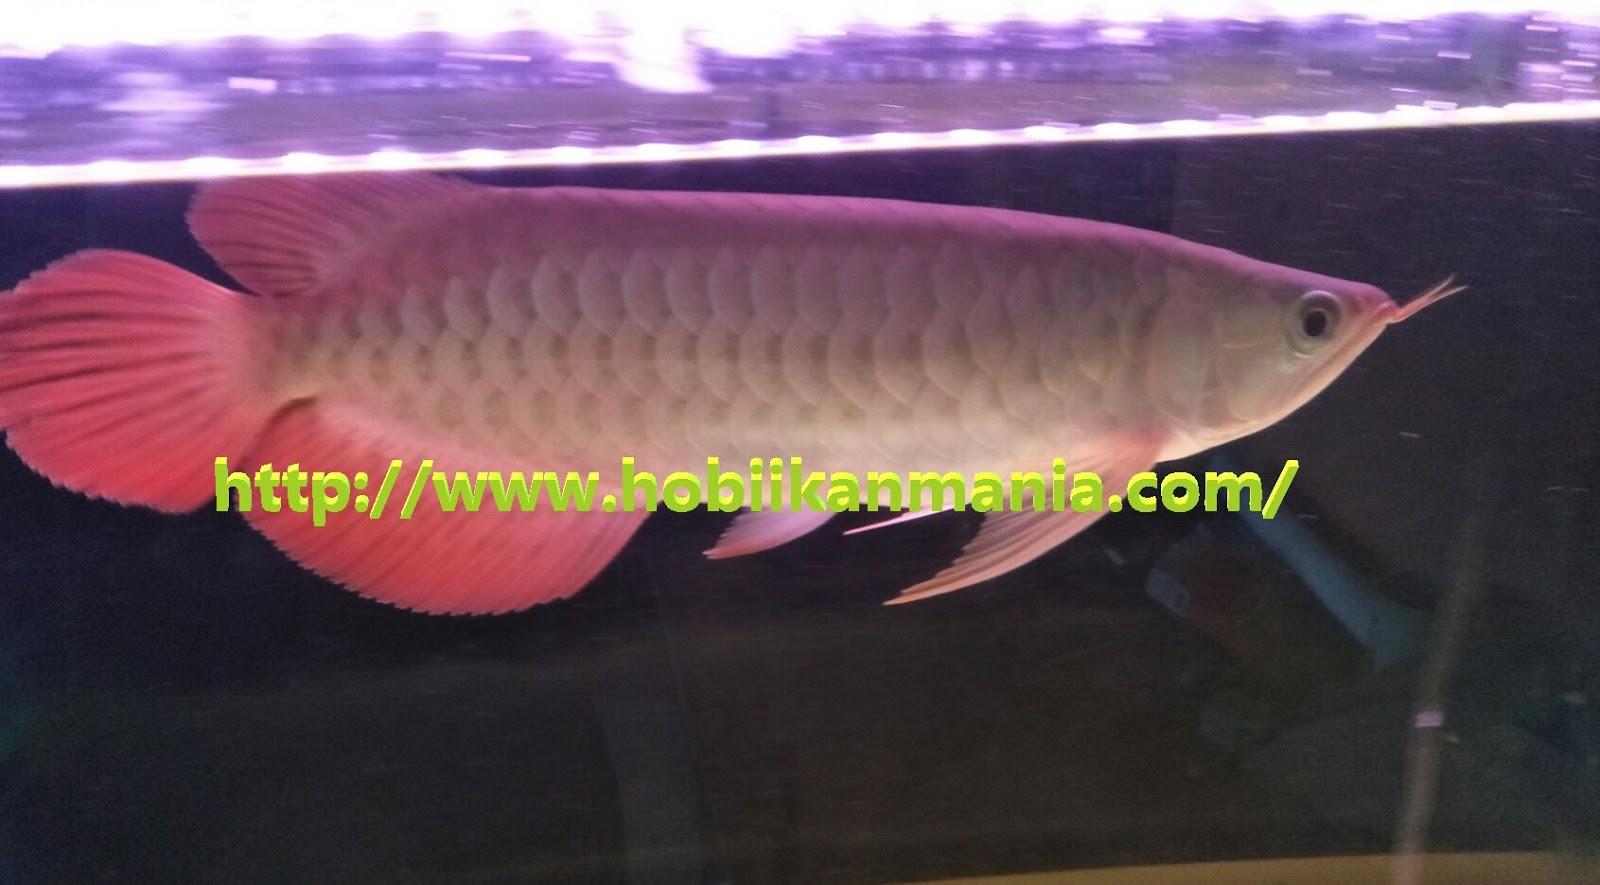 Jenis Ikan Arwana Berdasarkan Asal Usulnya Hobi Ikan Mania